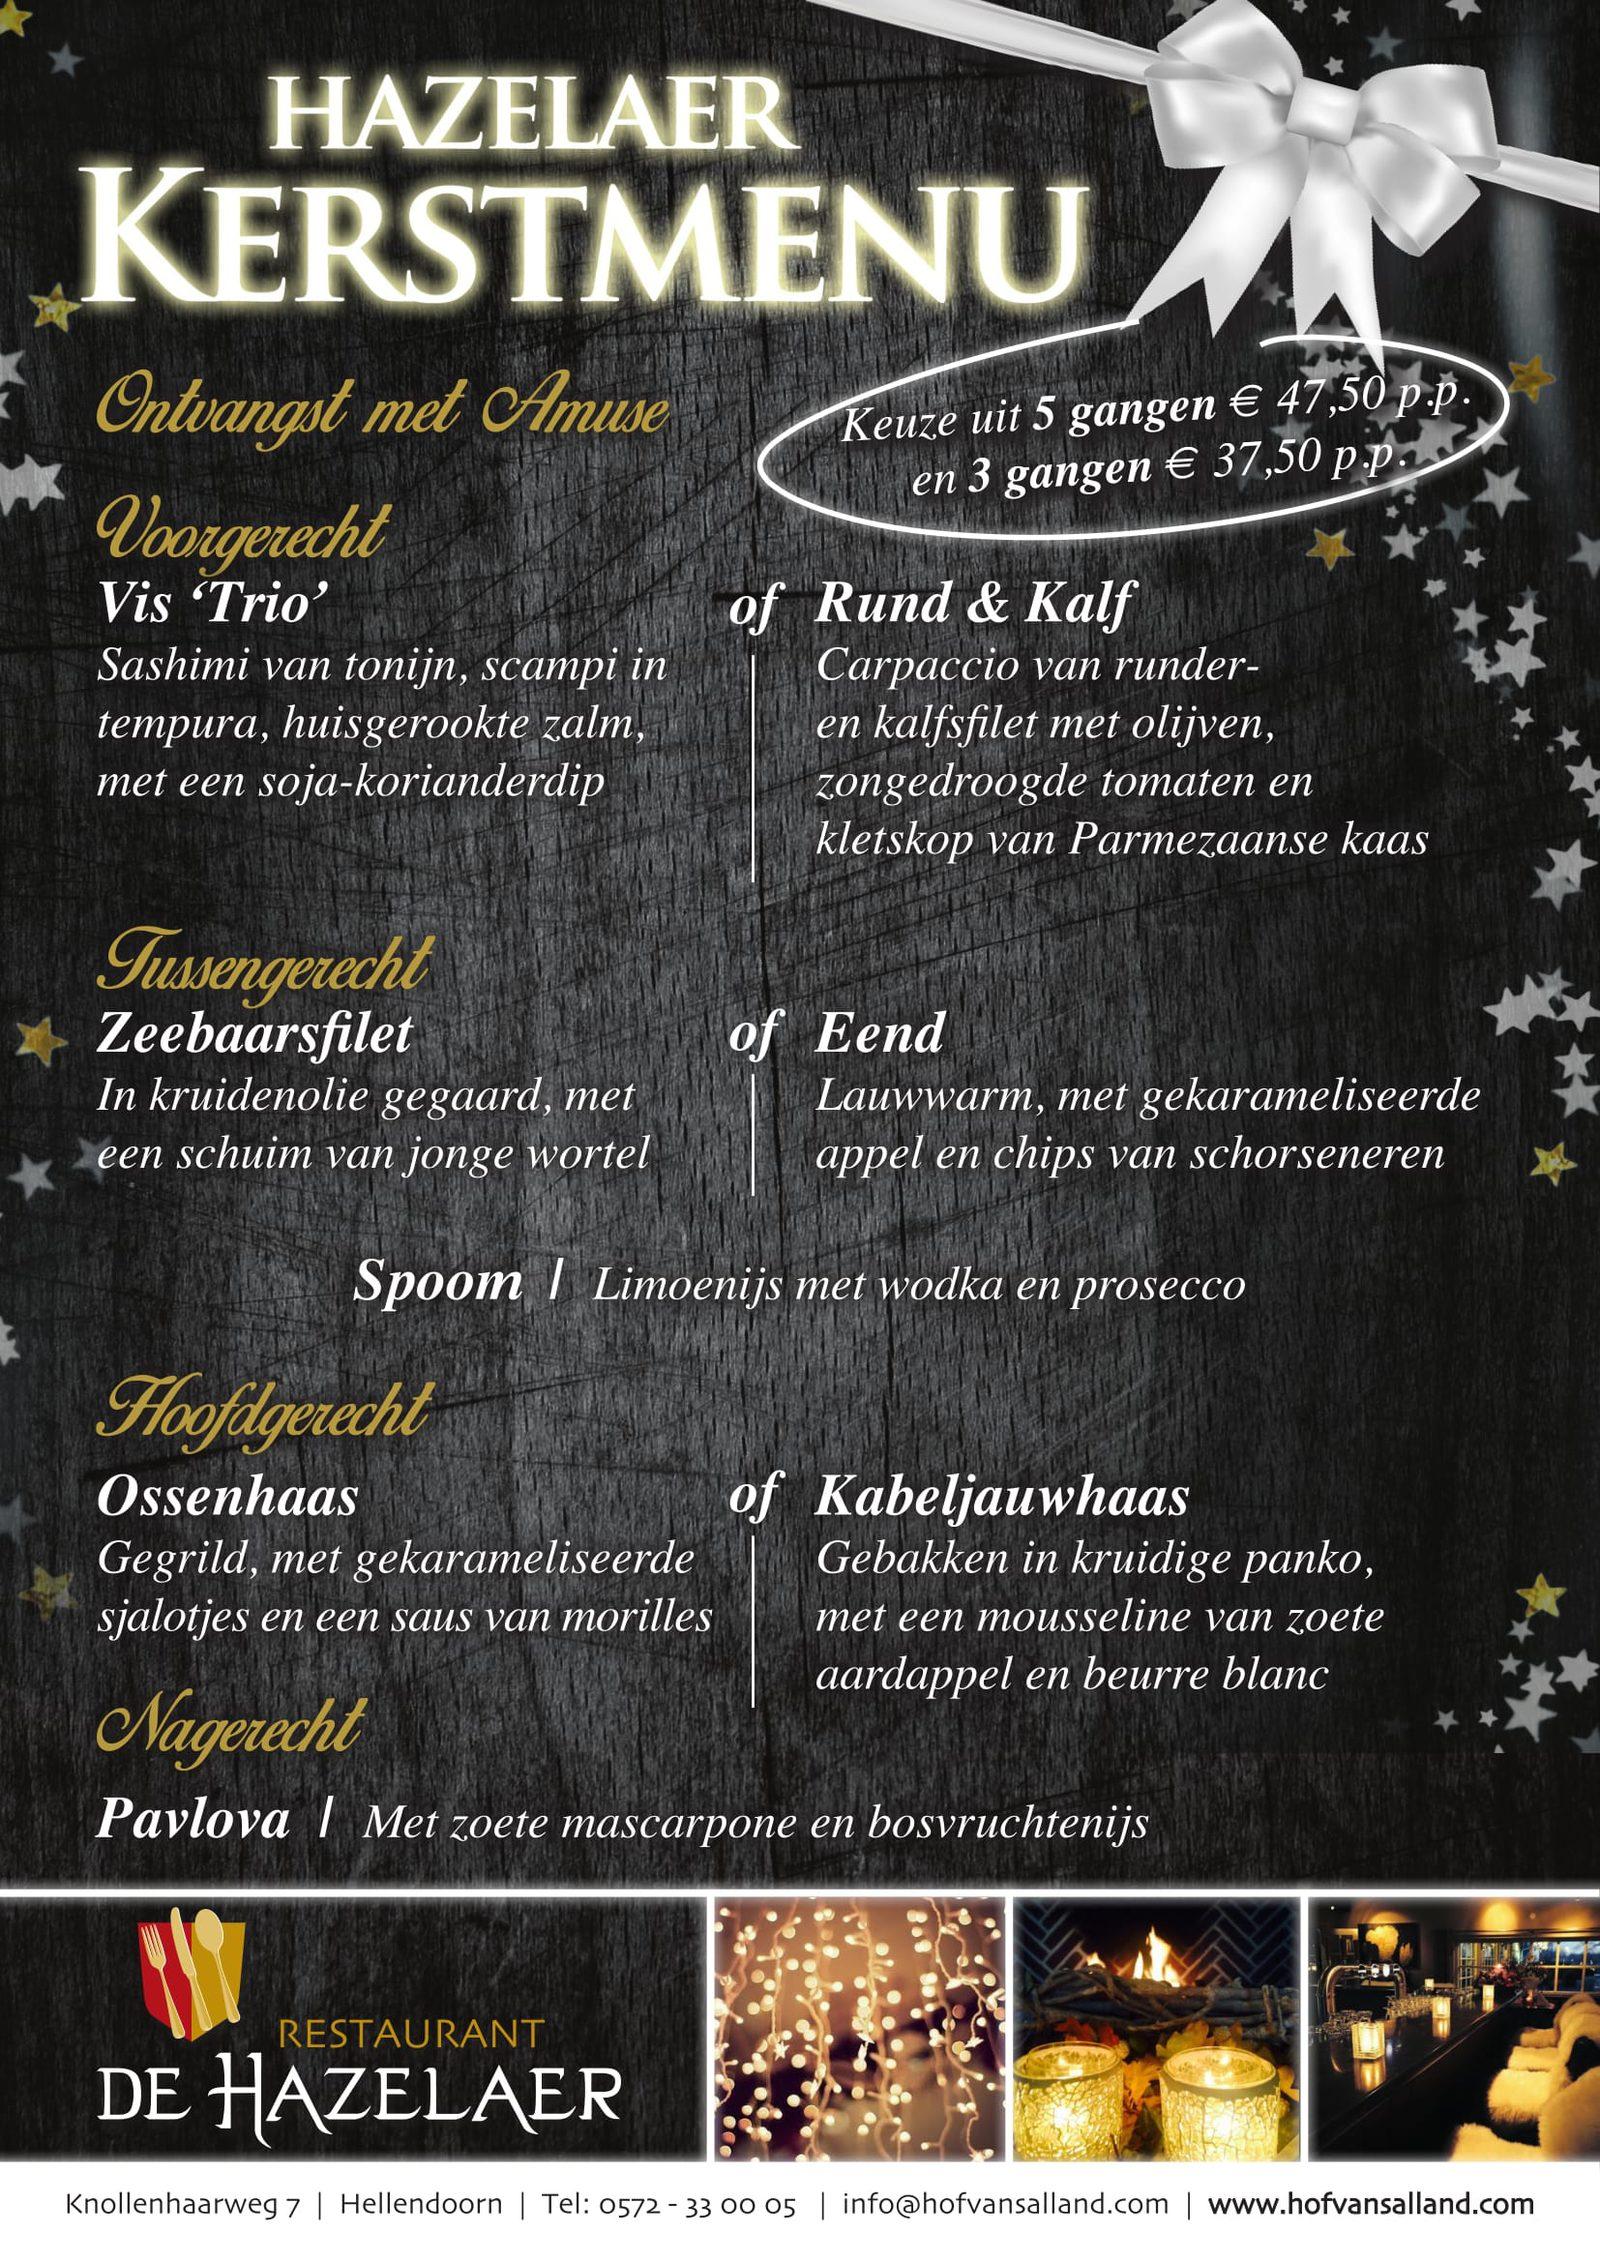 Kerstmenu bij restaurant De Hazelaer